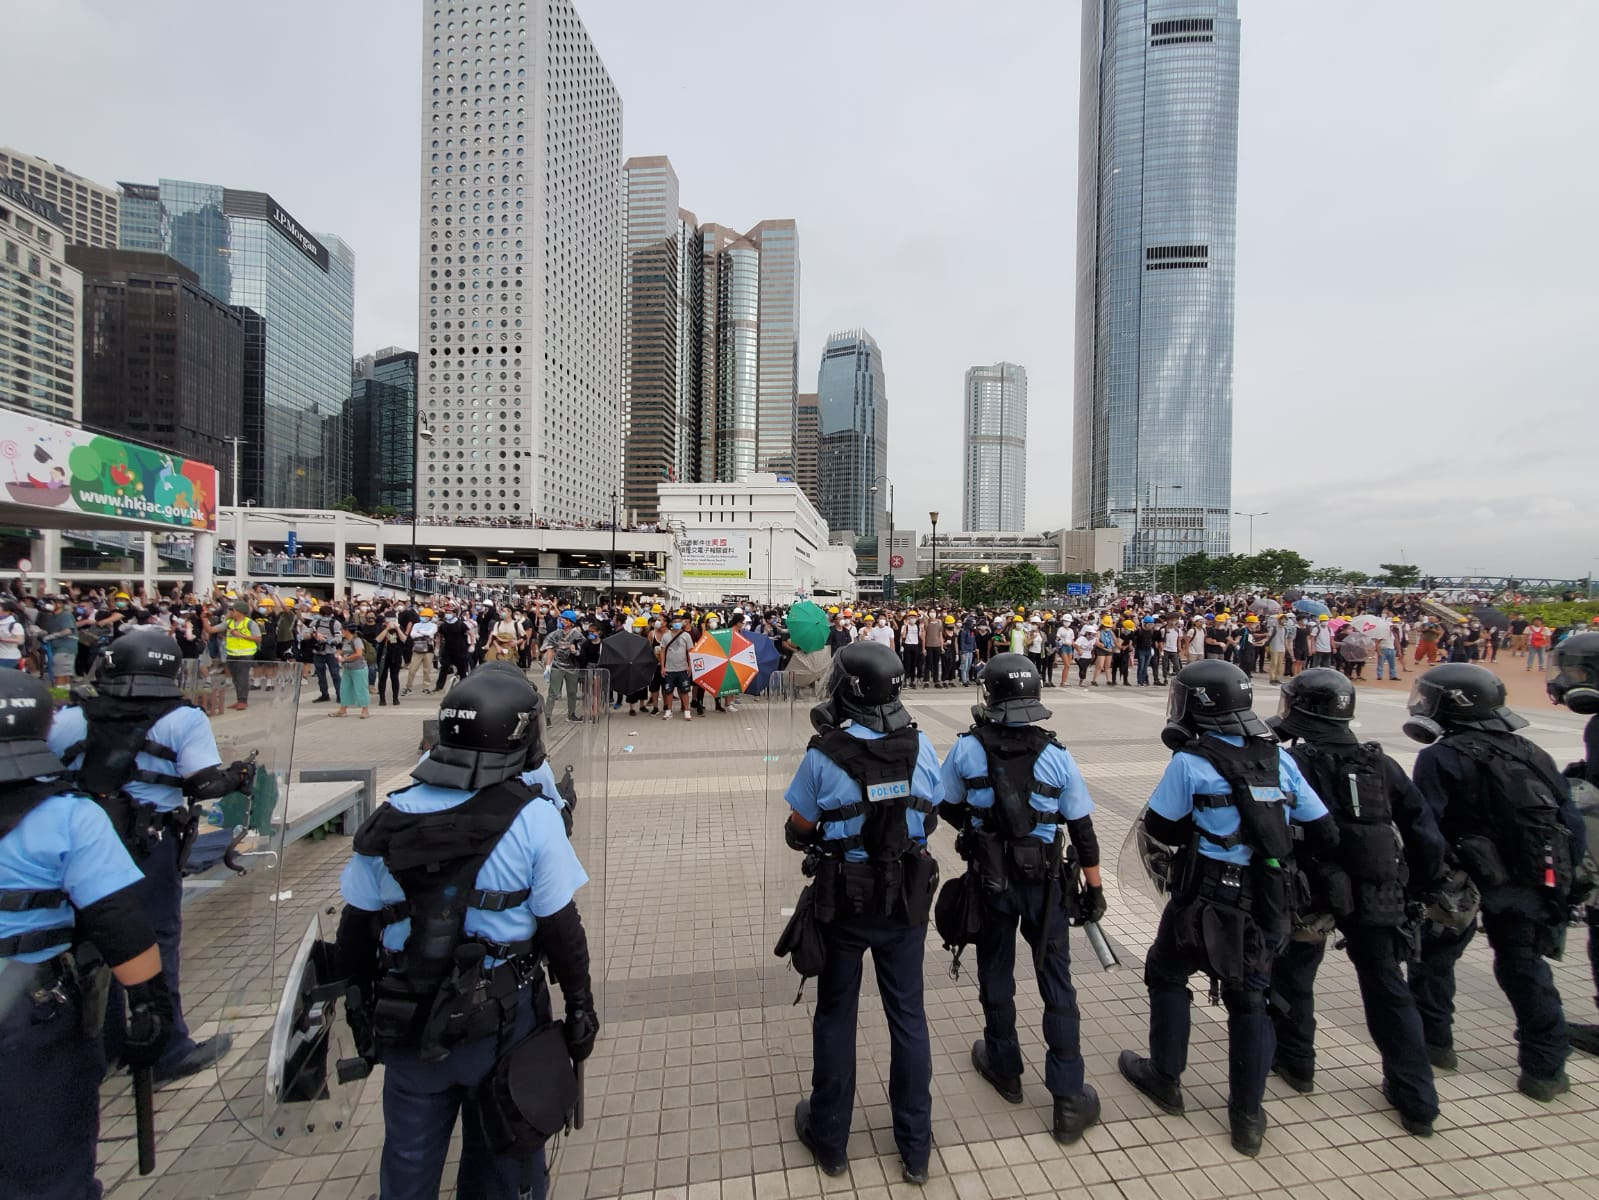 議員在聯署信中譴責警方以過分武力對待示威者。